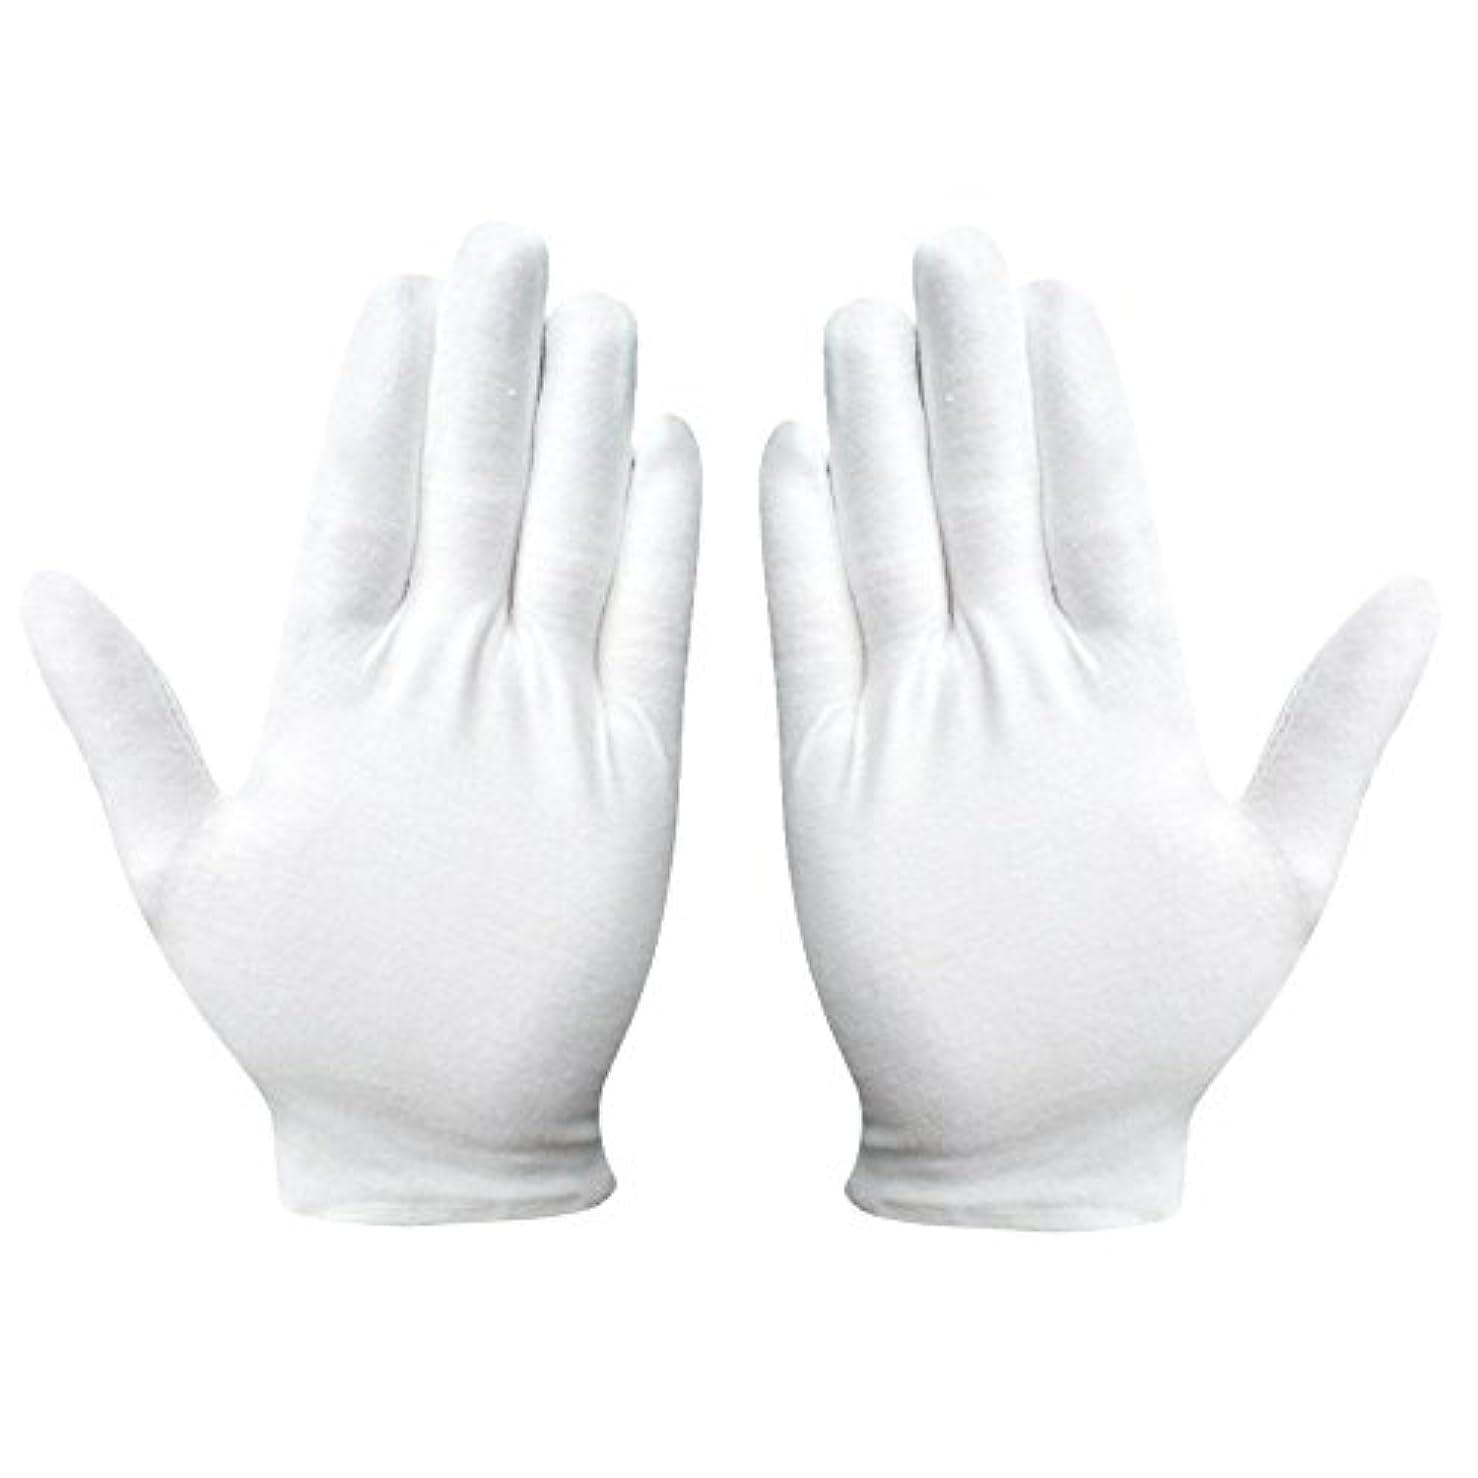 戸惑う電気の目の前の綿手袋 純綿 コットン手袋 白手袋 薄手 通気性 手荒れ予防 【湿疹用 乾燥肌用 保湿用 礼装用】12双組